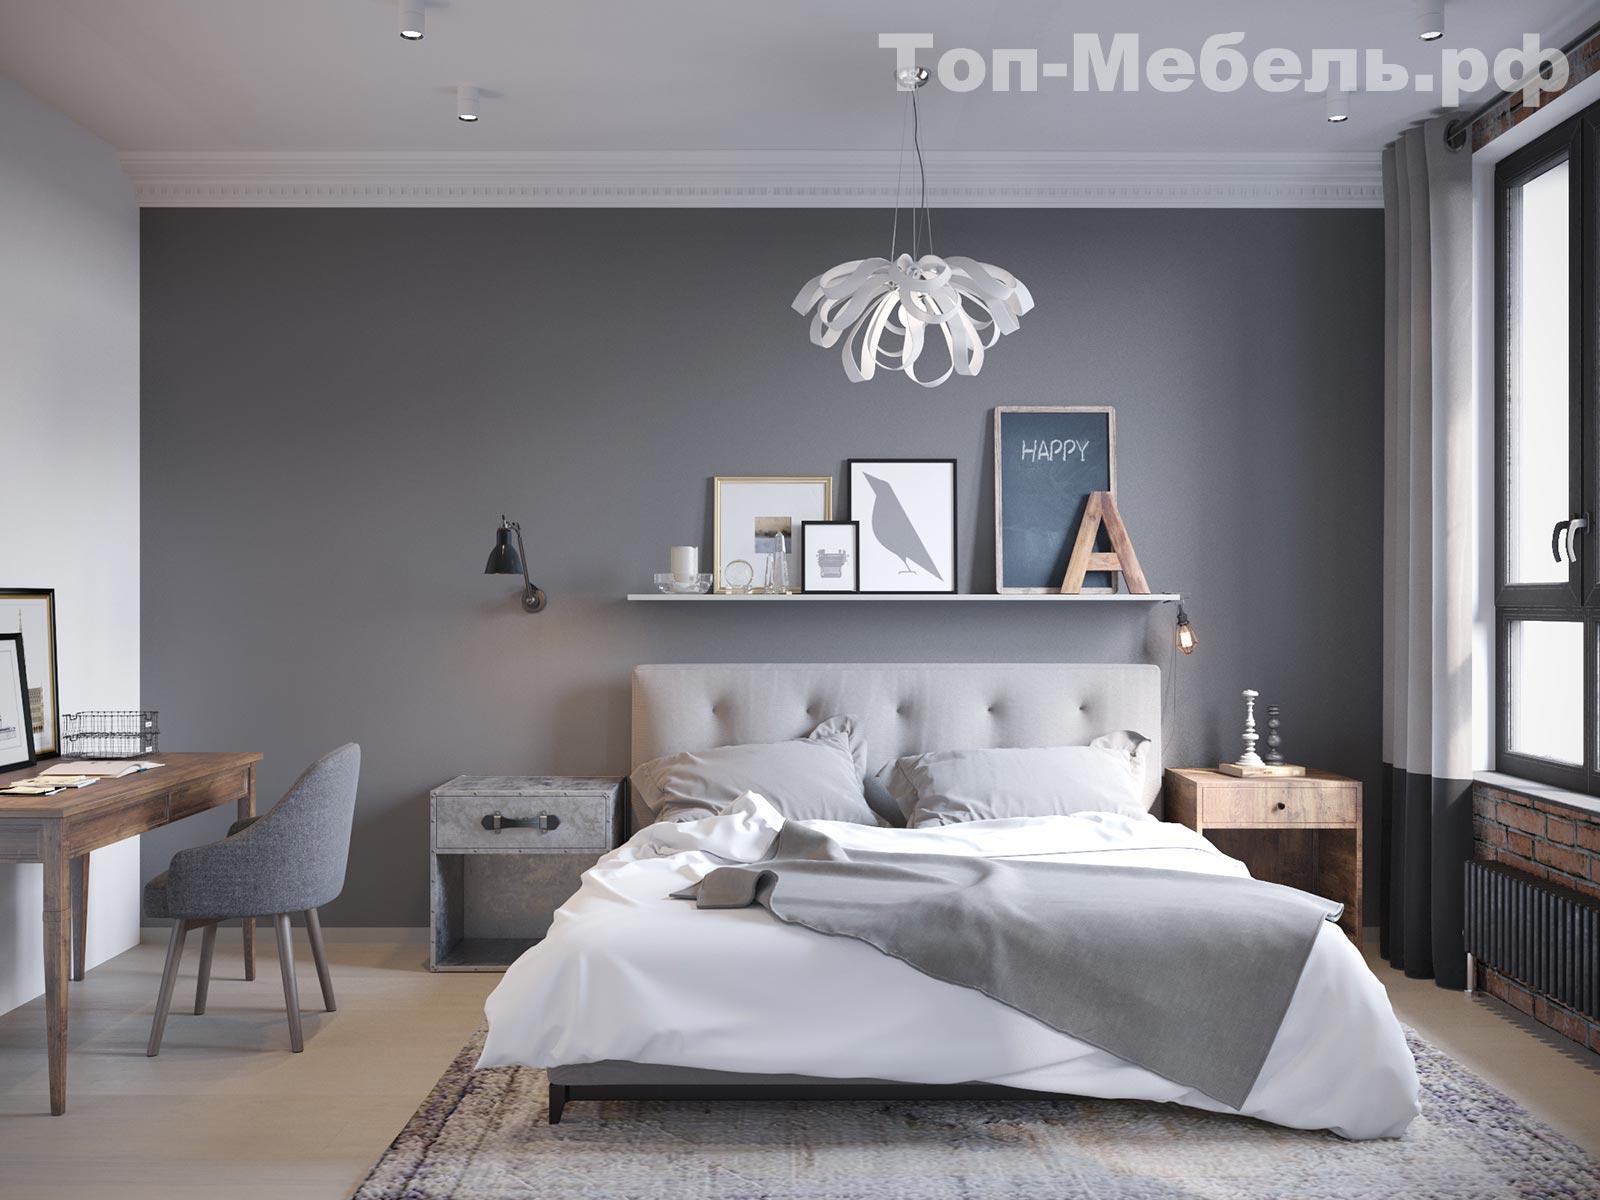 Современная модульная мебель для спальни